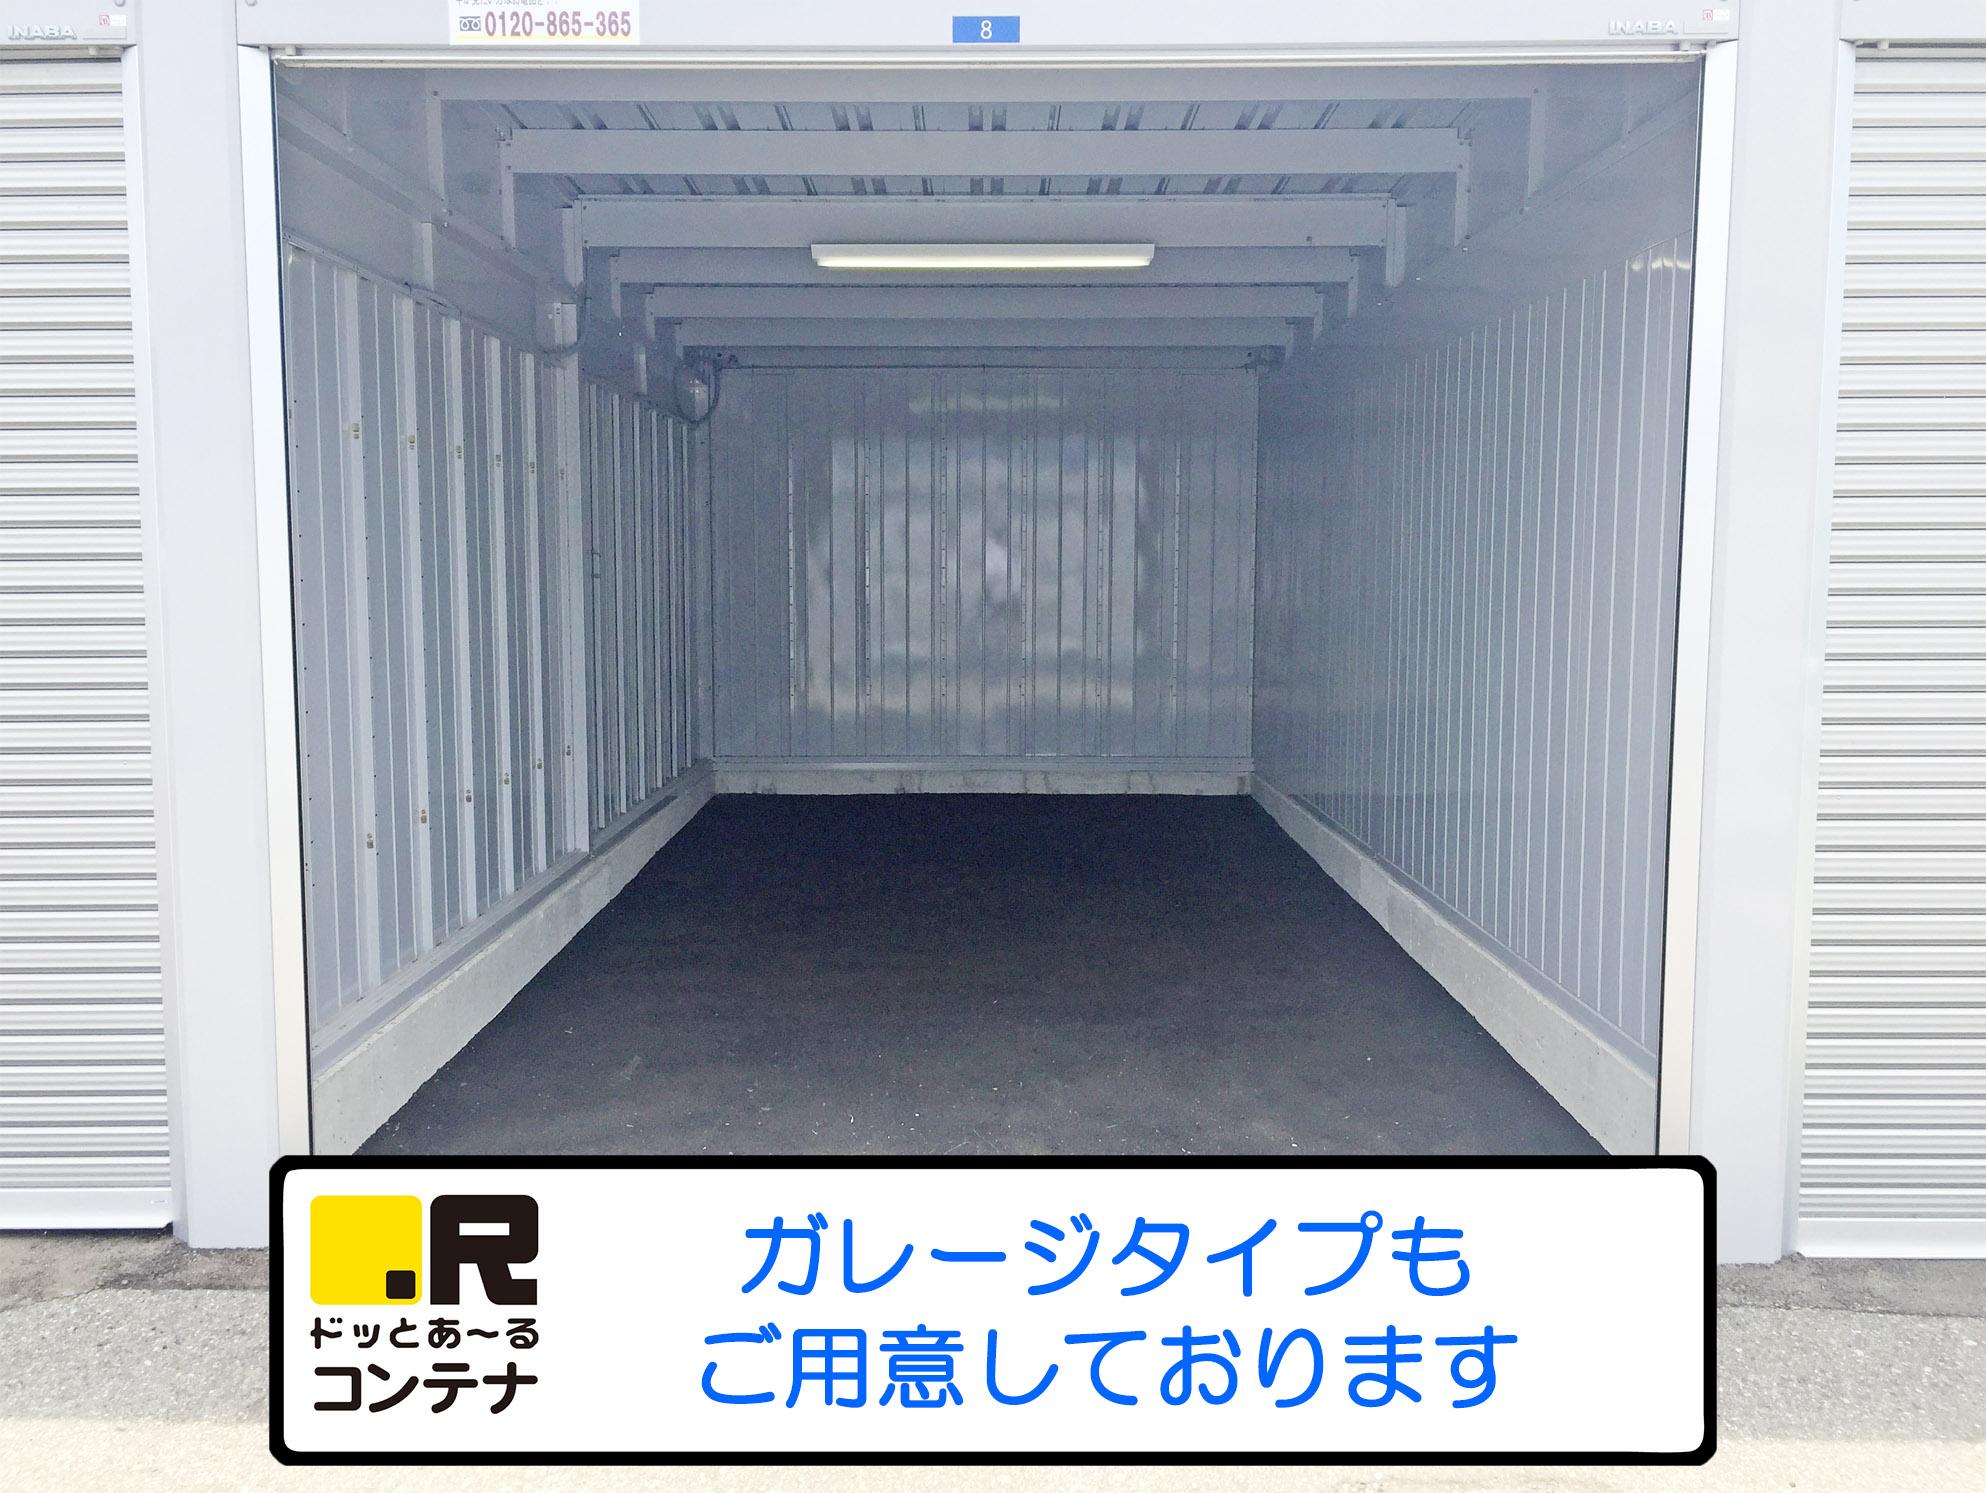 広川インター外観6